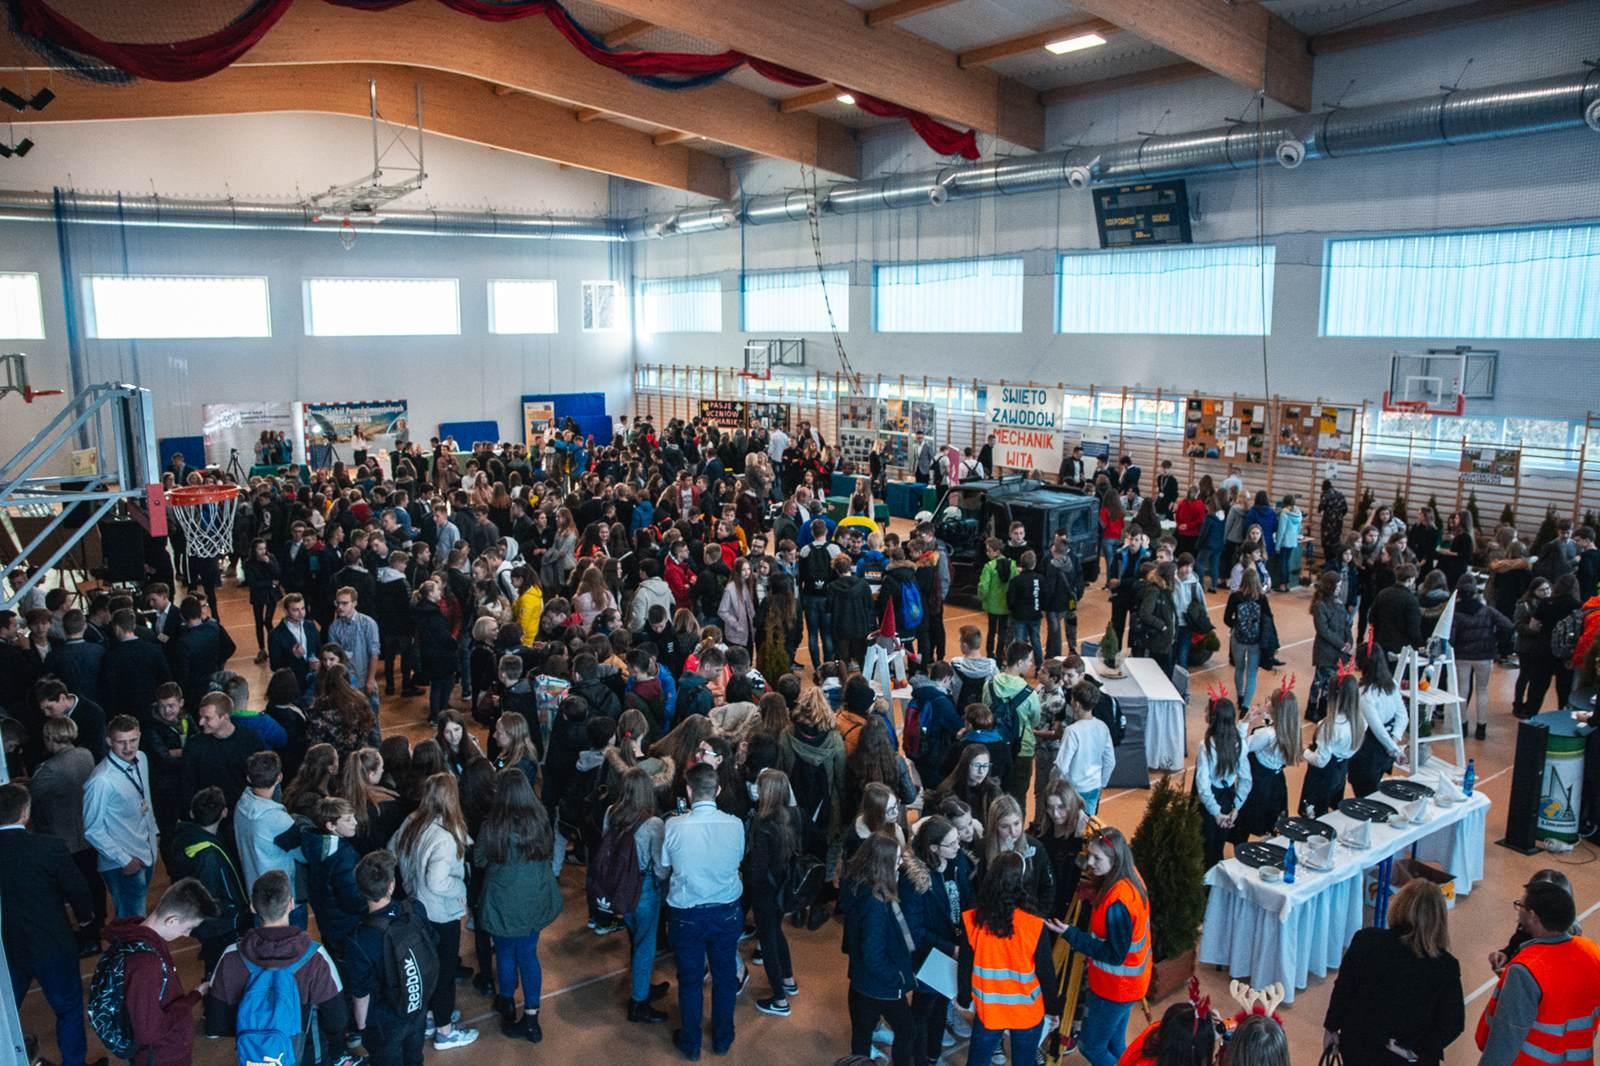 Święto zawodów ZSTiO w Limanowej; listopad 2019 - widok hali ZSTiO oraz uczestnicy wydarzenia